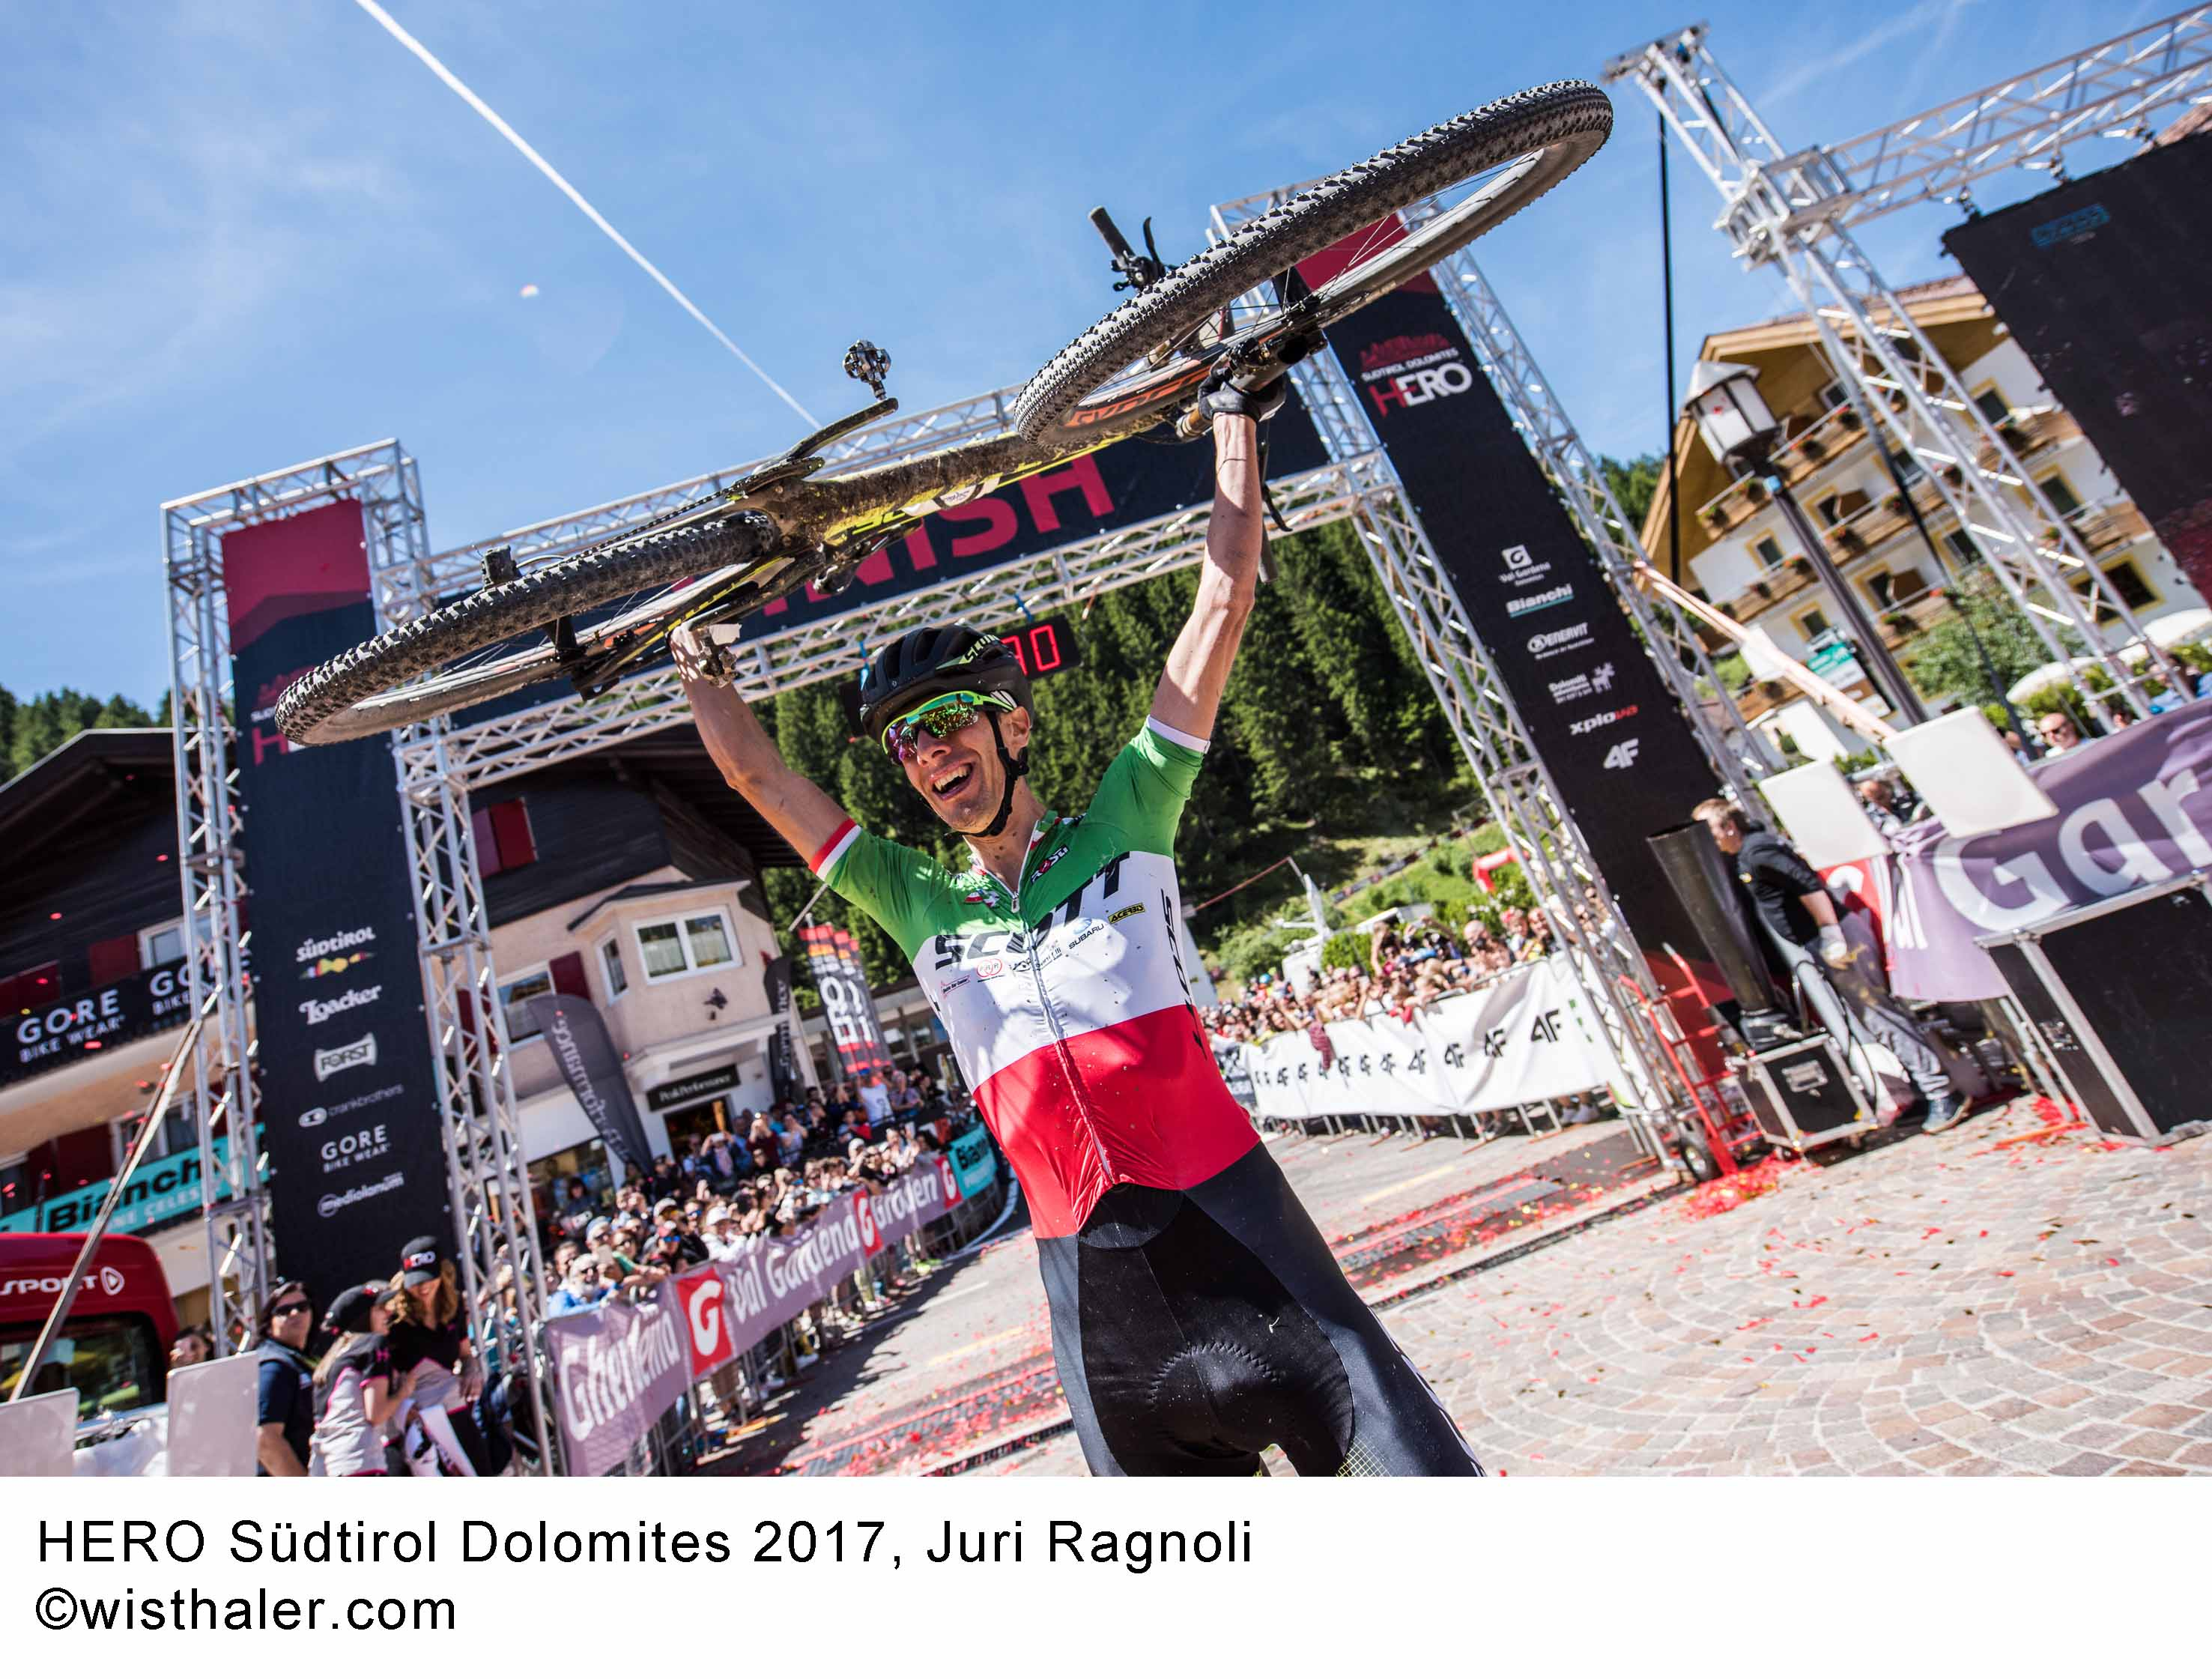 HERO Dolomites 2017: classifiche e fotografie